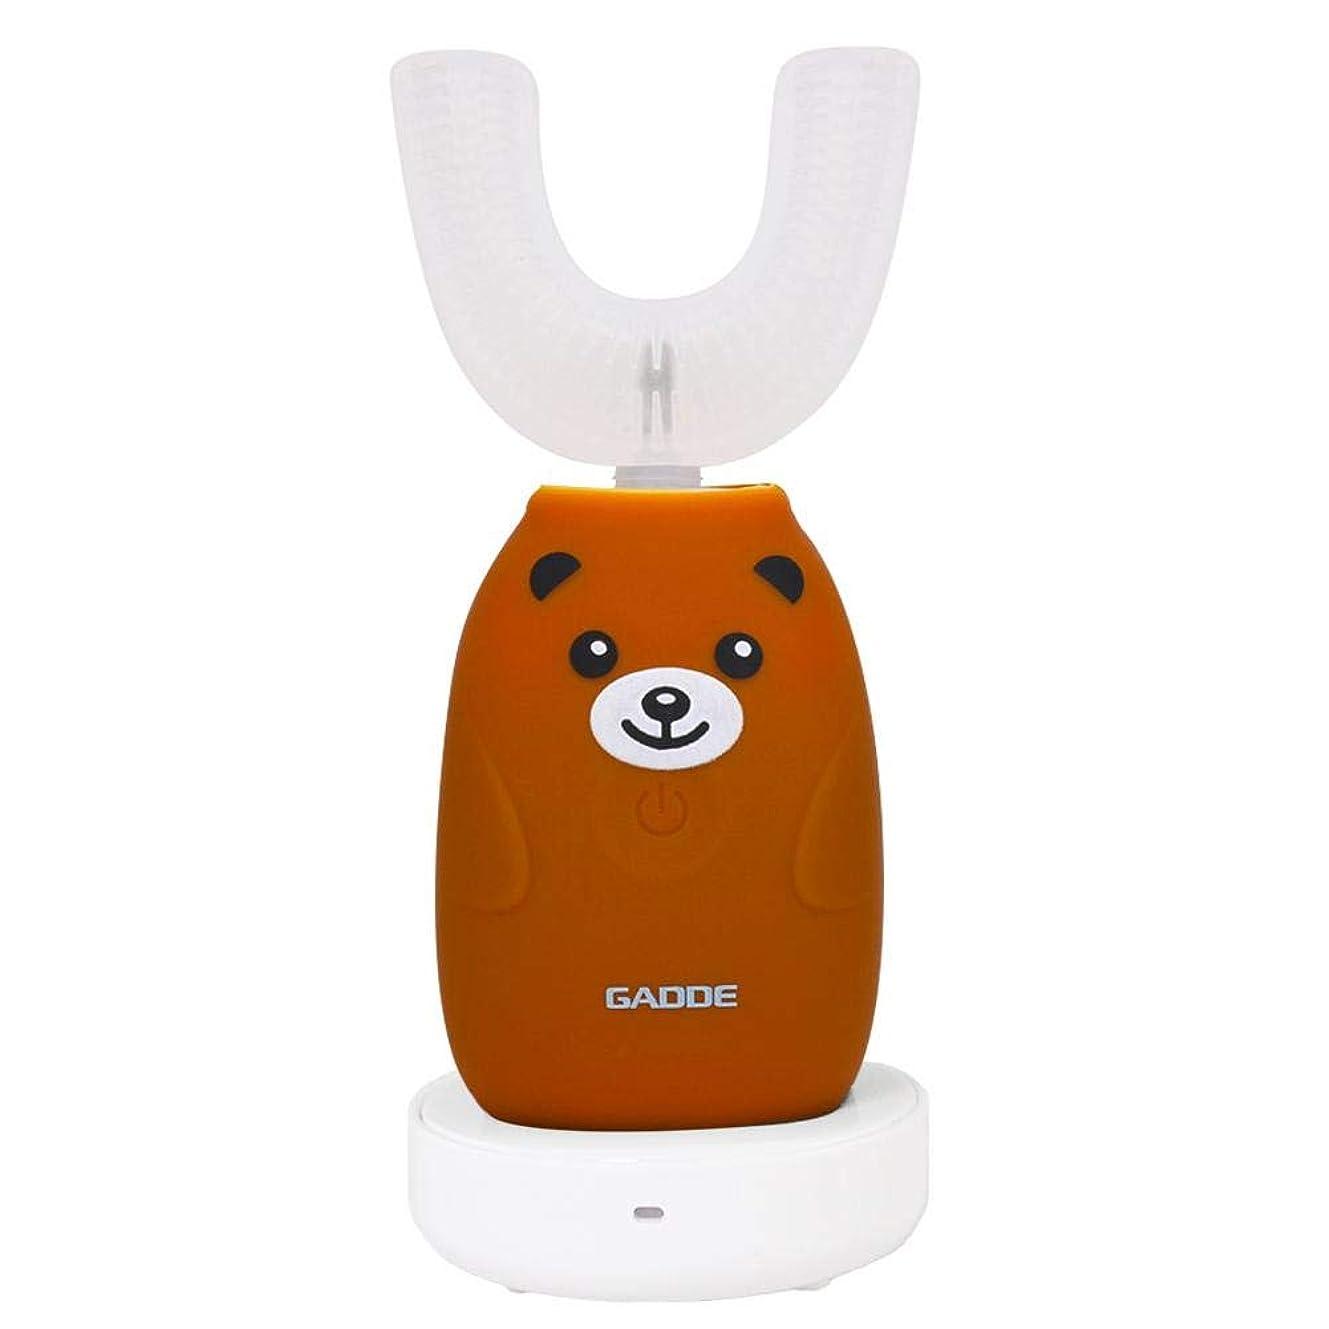 着飾る削減霜子供の電動歯ブラシ、漫画のBlu - ray 360°U字型ソフトシリコーン電動歯ブラシ防水ワイヤレス充電口腔クリーナーブラシ2-12年の子供のための